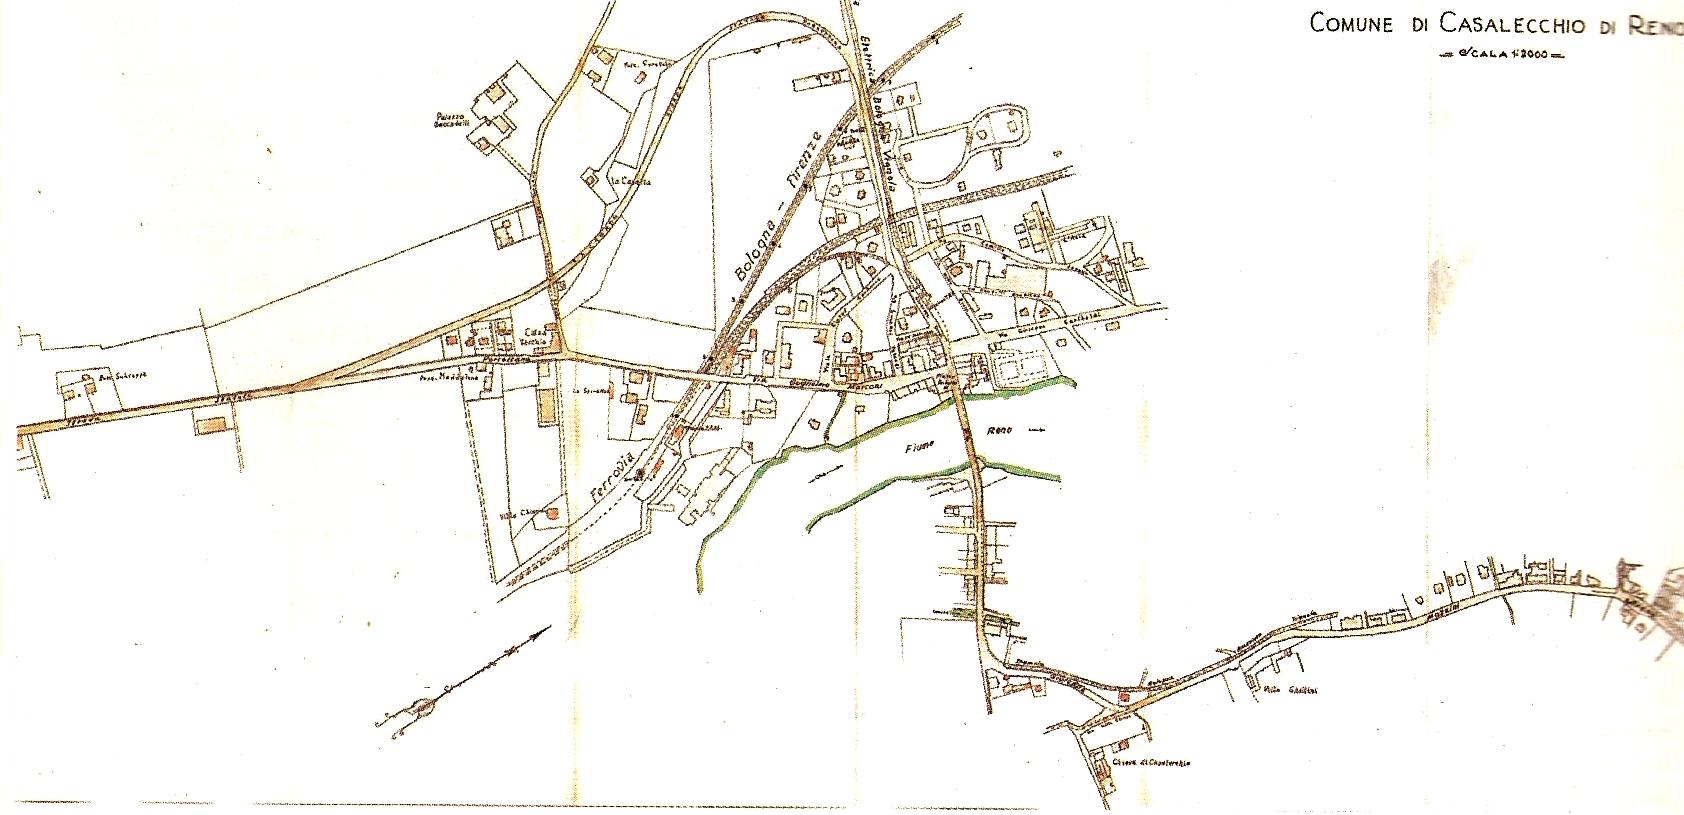 Planimetria generale del centro di Casalecchio